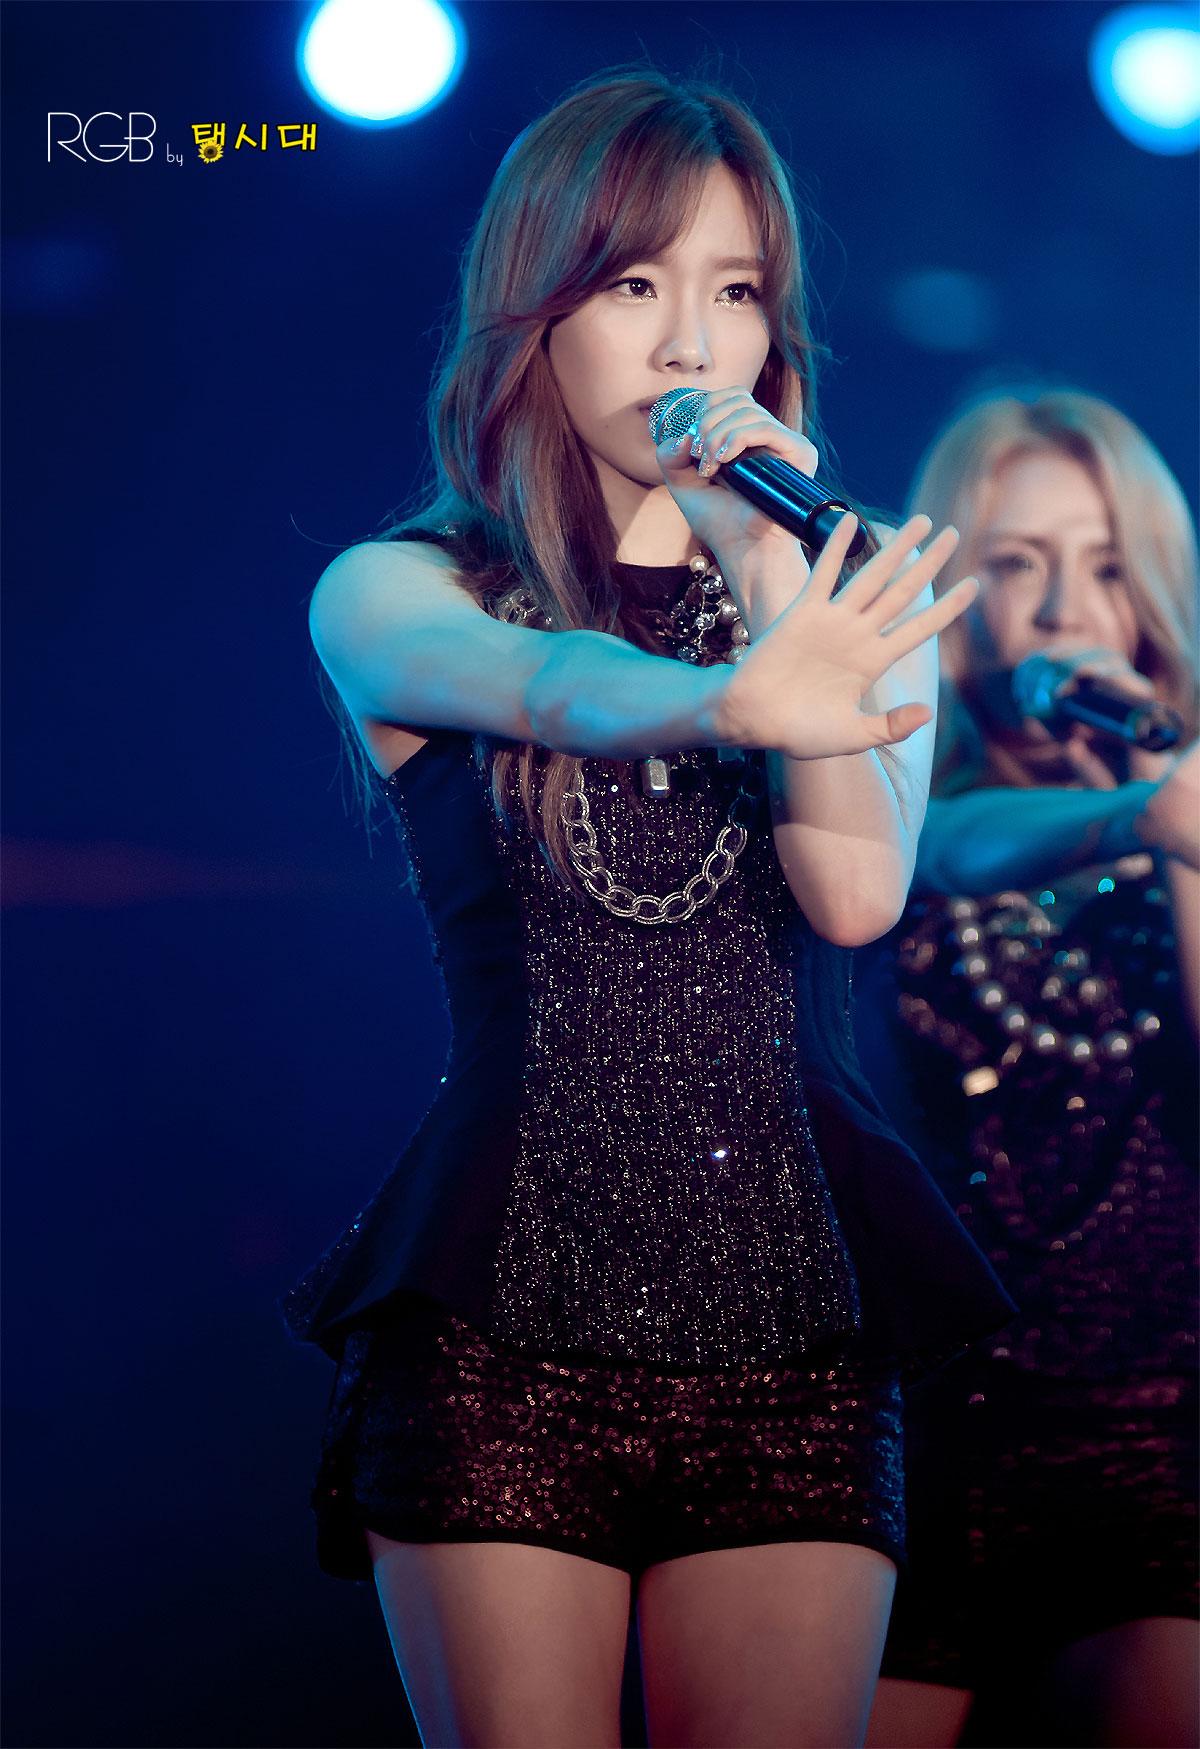 [PICS][20/7/2012] Taeyeon @ Yeosu Expo Concert 201 Taeyeon-yeosu-concert-1